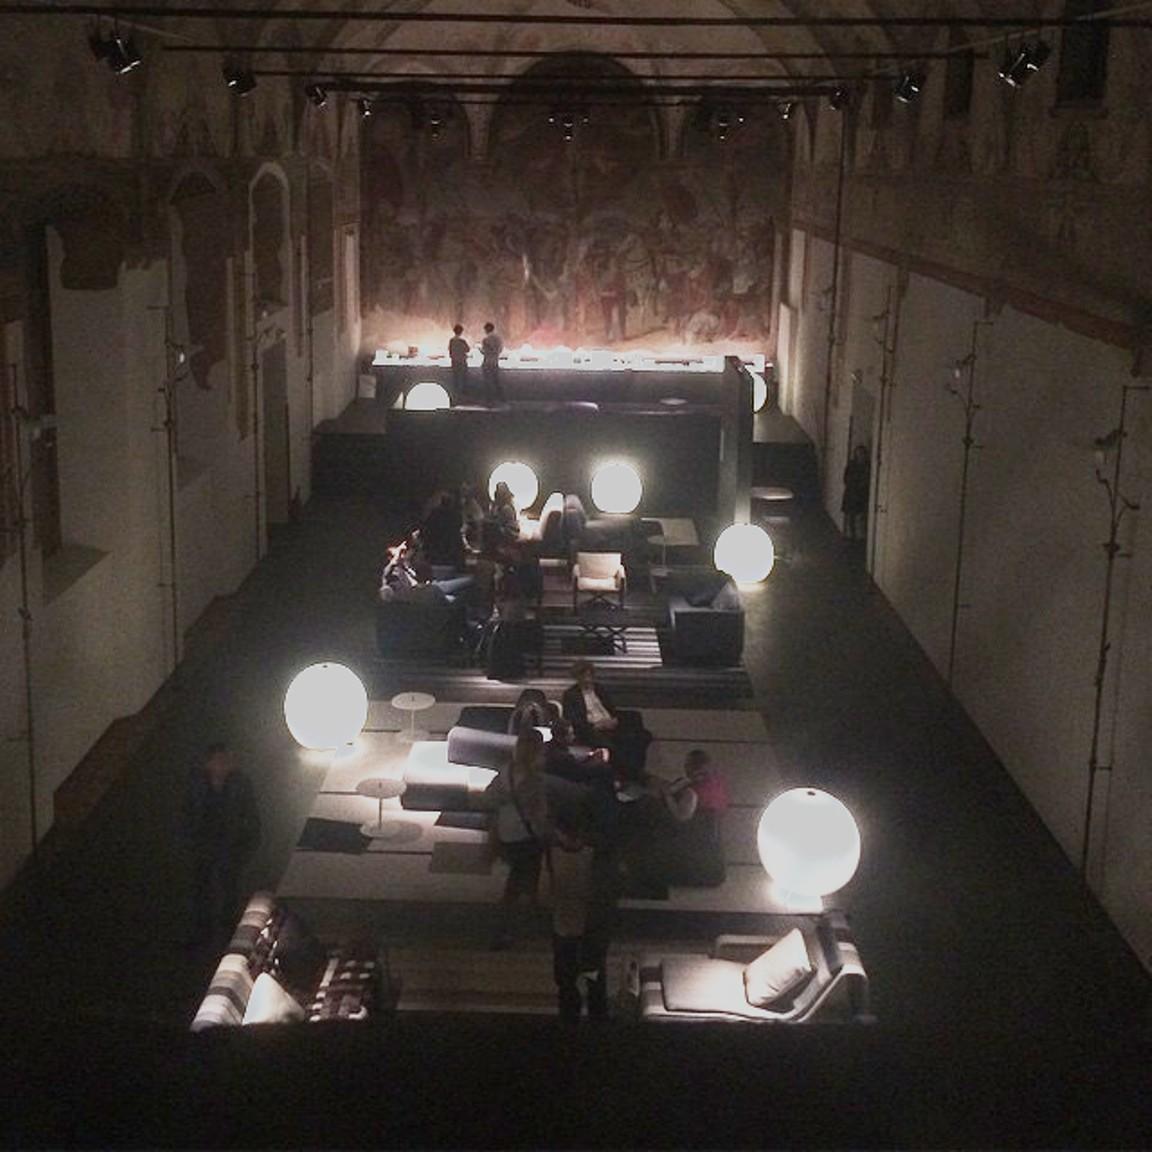 paola lenti beyond colour salone 2015